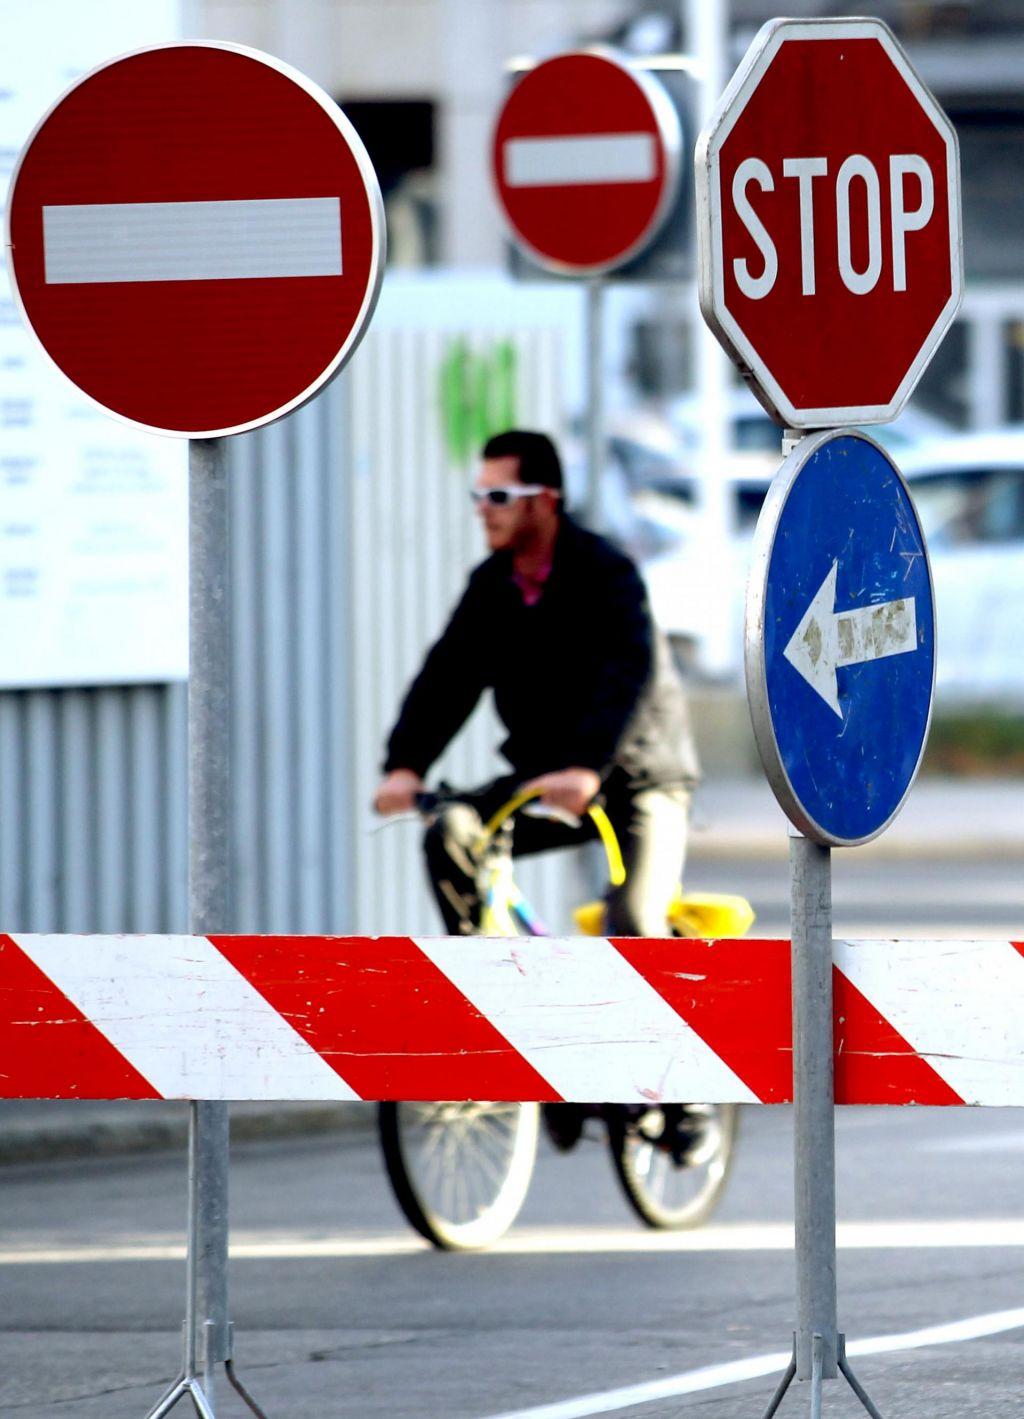 Dunaj za vzpodbujanje kolesarjenja, kaj pa Ljubljana?